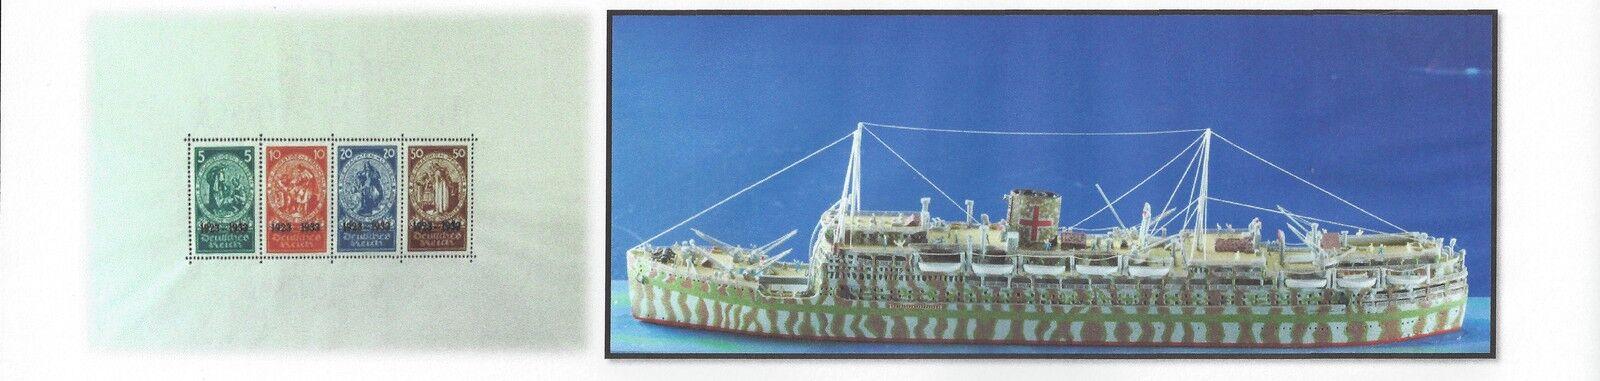 Welt der Schiffsminiaturen